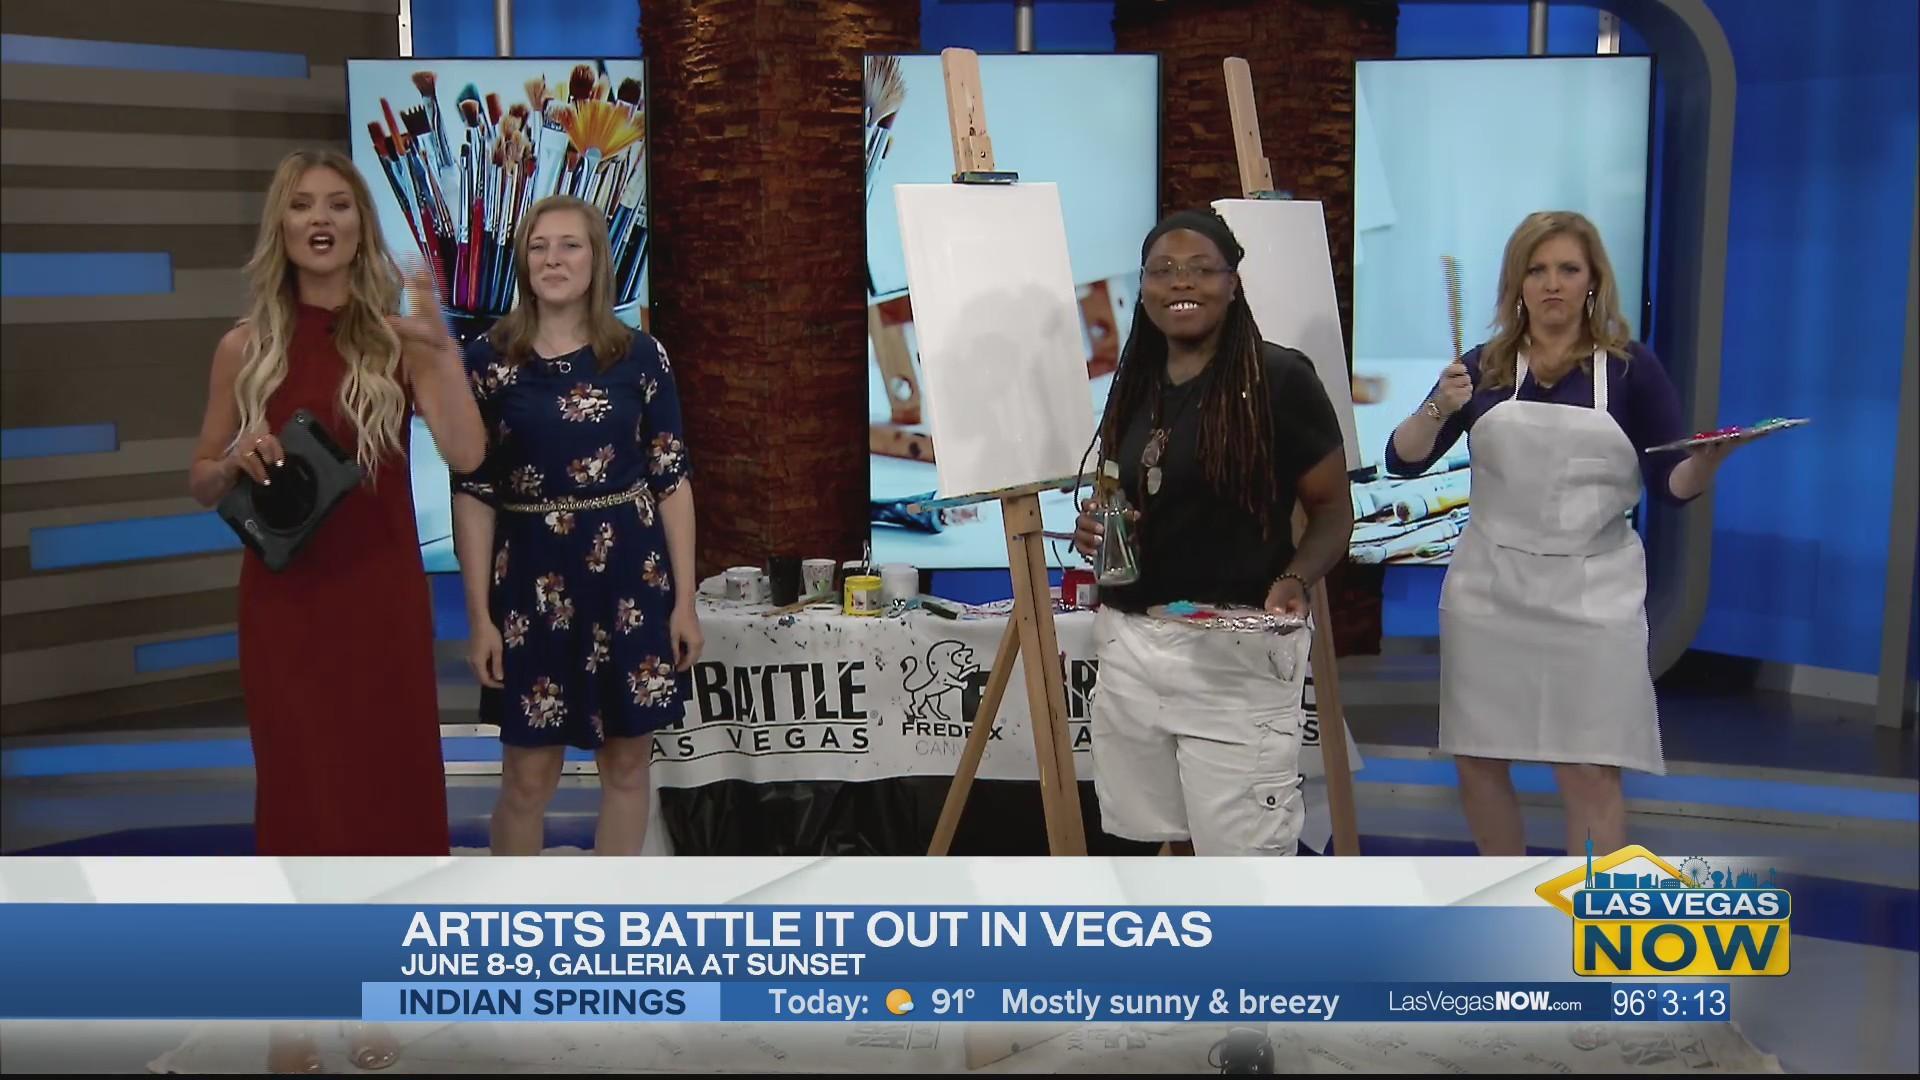 Artist battle it out in Vegas